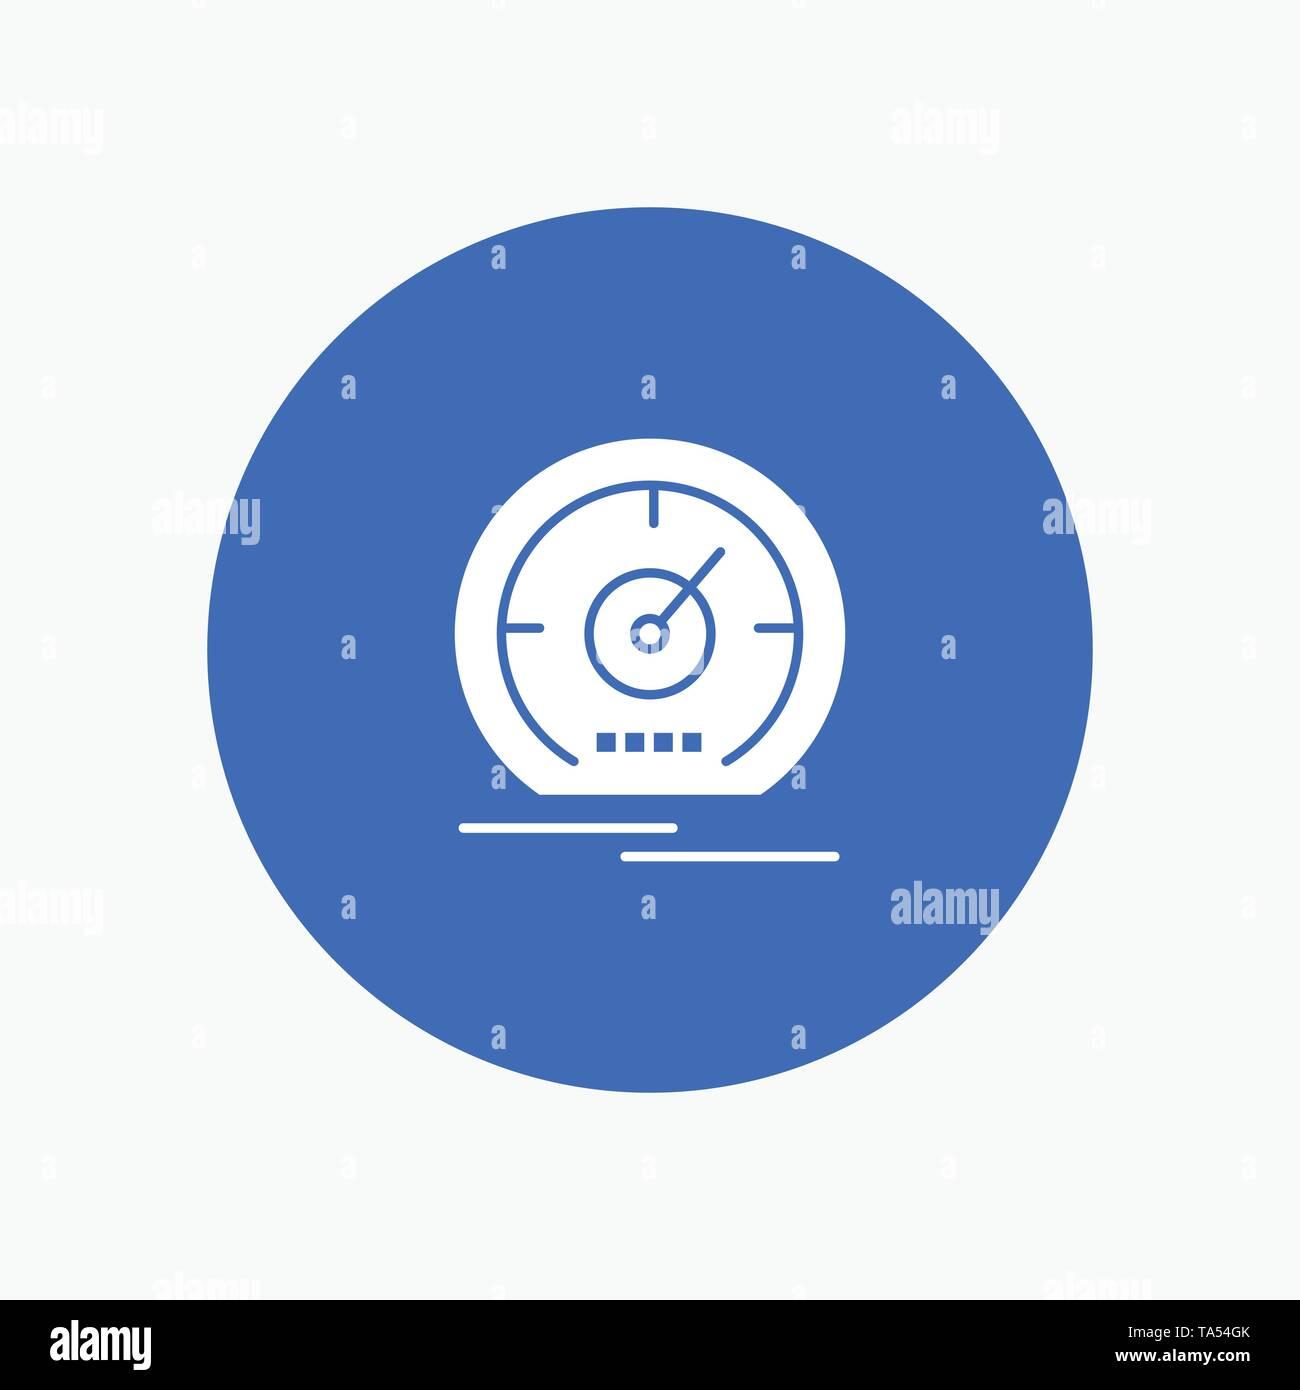 Gauge, Dashboard, Meter, Speed, Speedometer - Stock Image